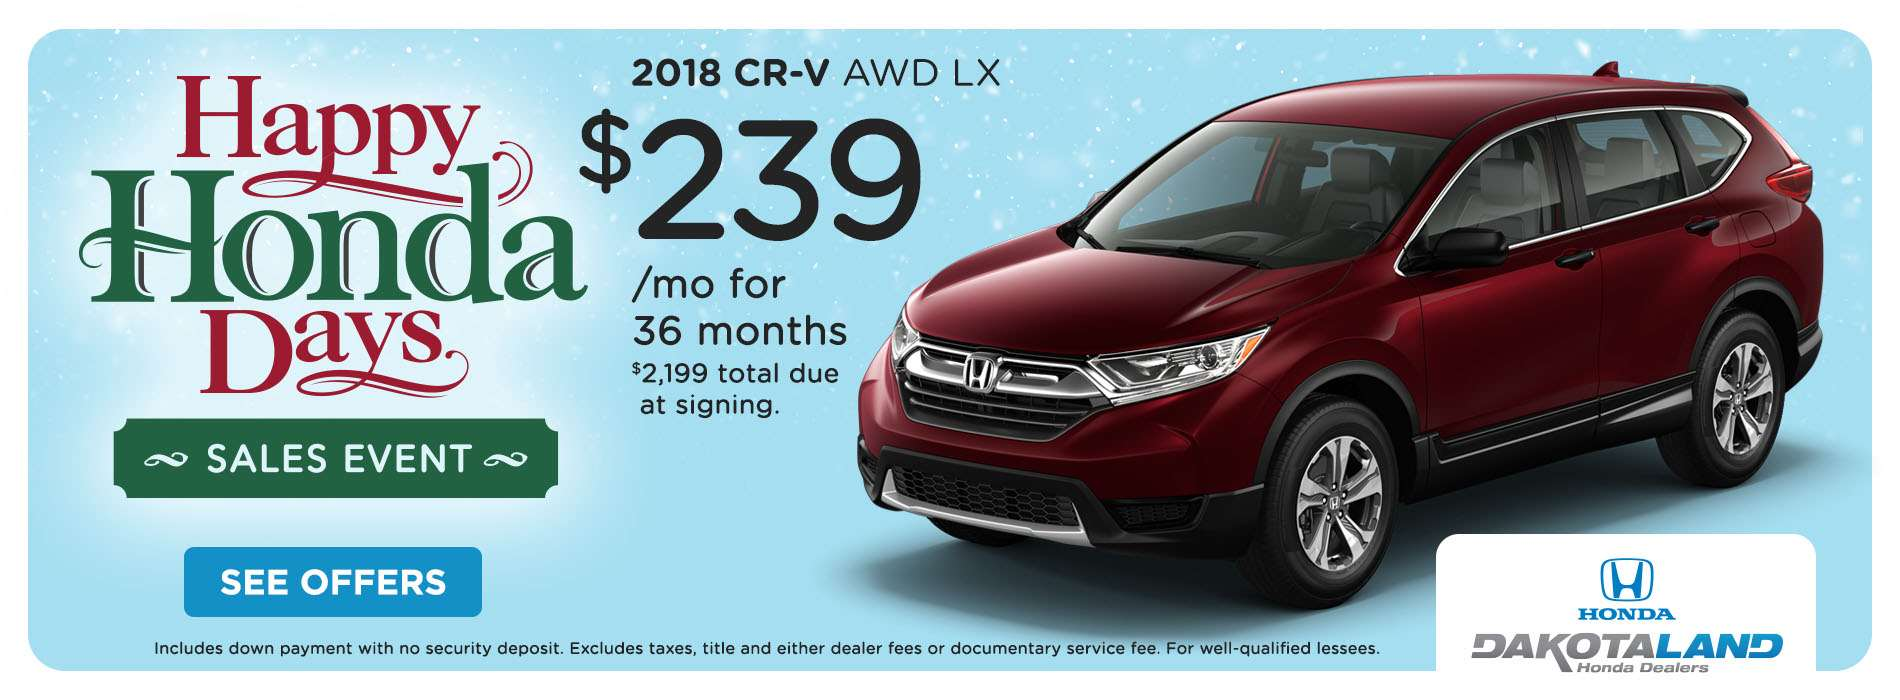 2018 CR-V Offer 2 - Nov-Dec 2018